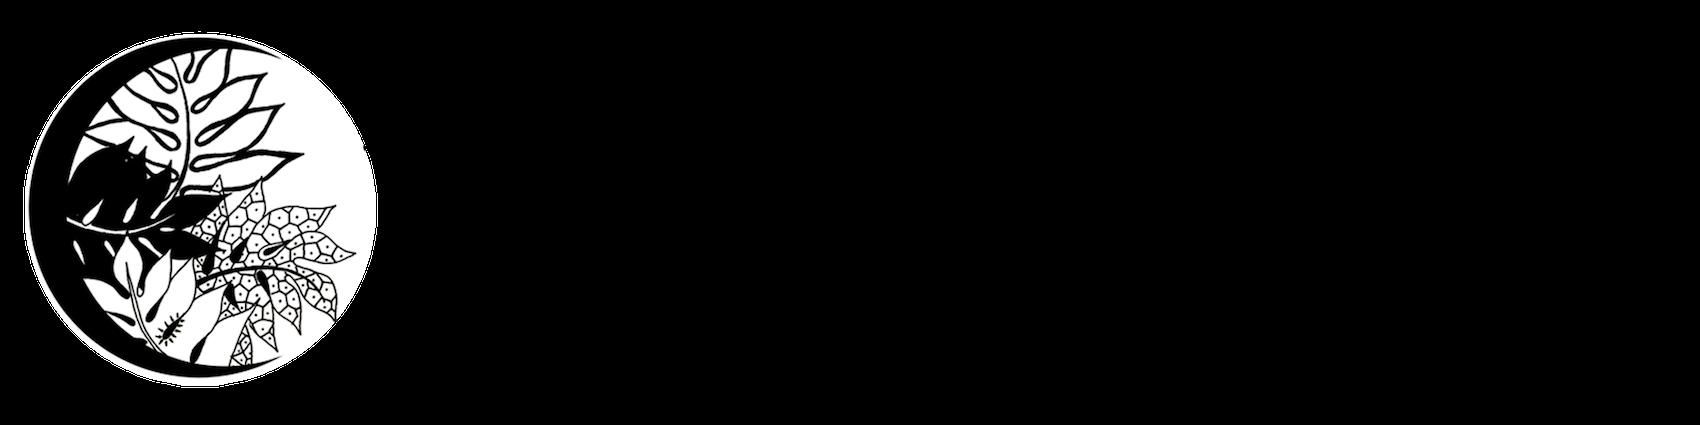 E Hoʻoulu Lāhui